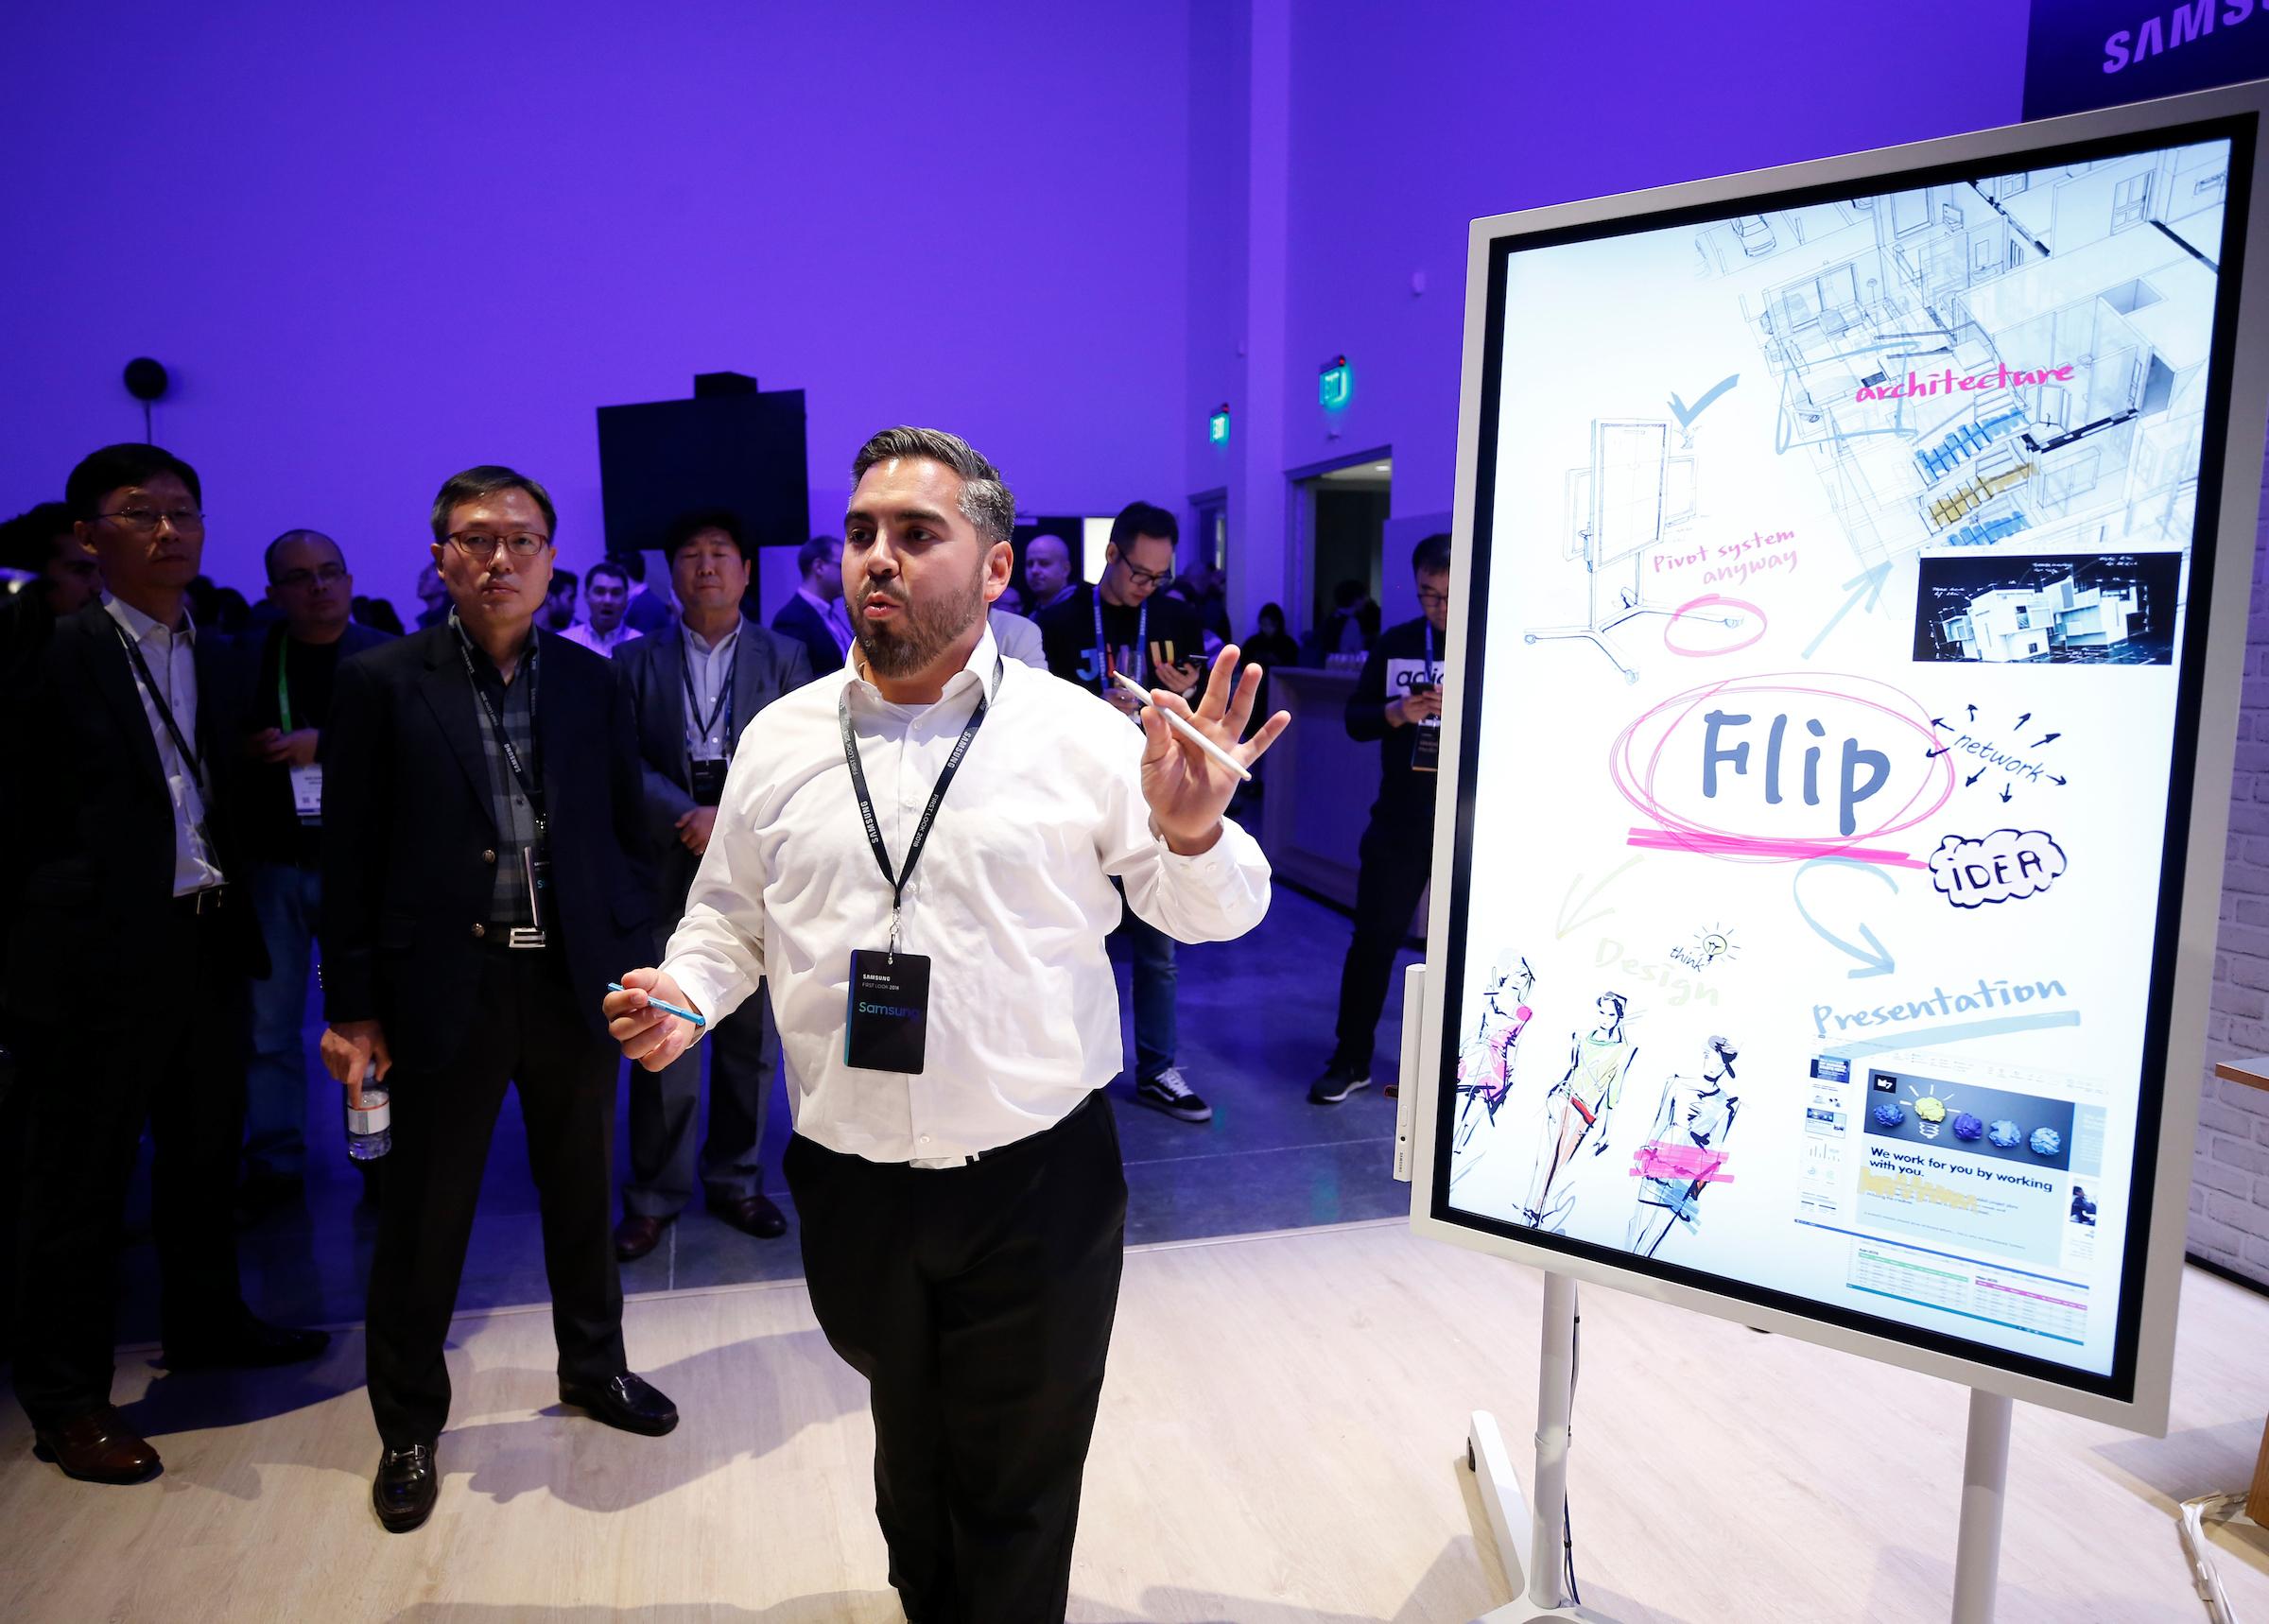 삼성전자 프로모터가 '삼성 퍼스트 룩 2018' 행사장에서 회의 효율성을 높여주는 디지털 플립차트 신제품 '삼성 플립'을 소개하고 있다.